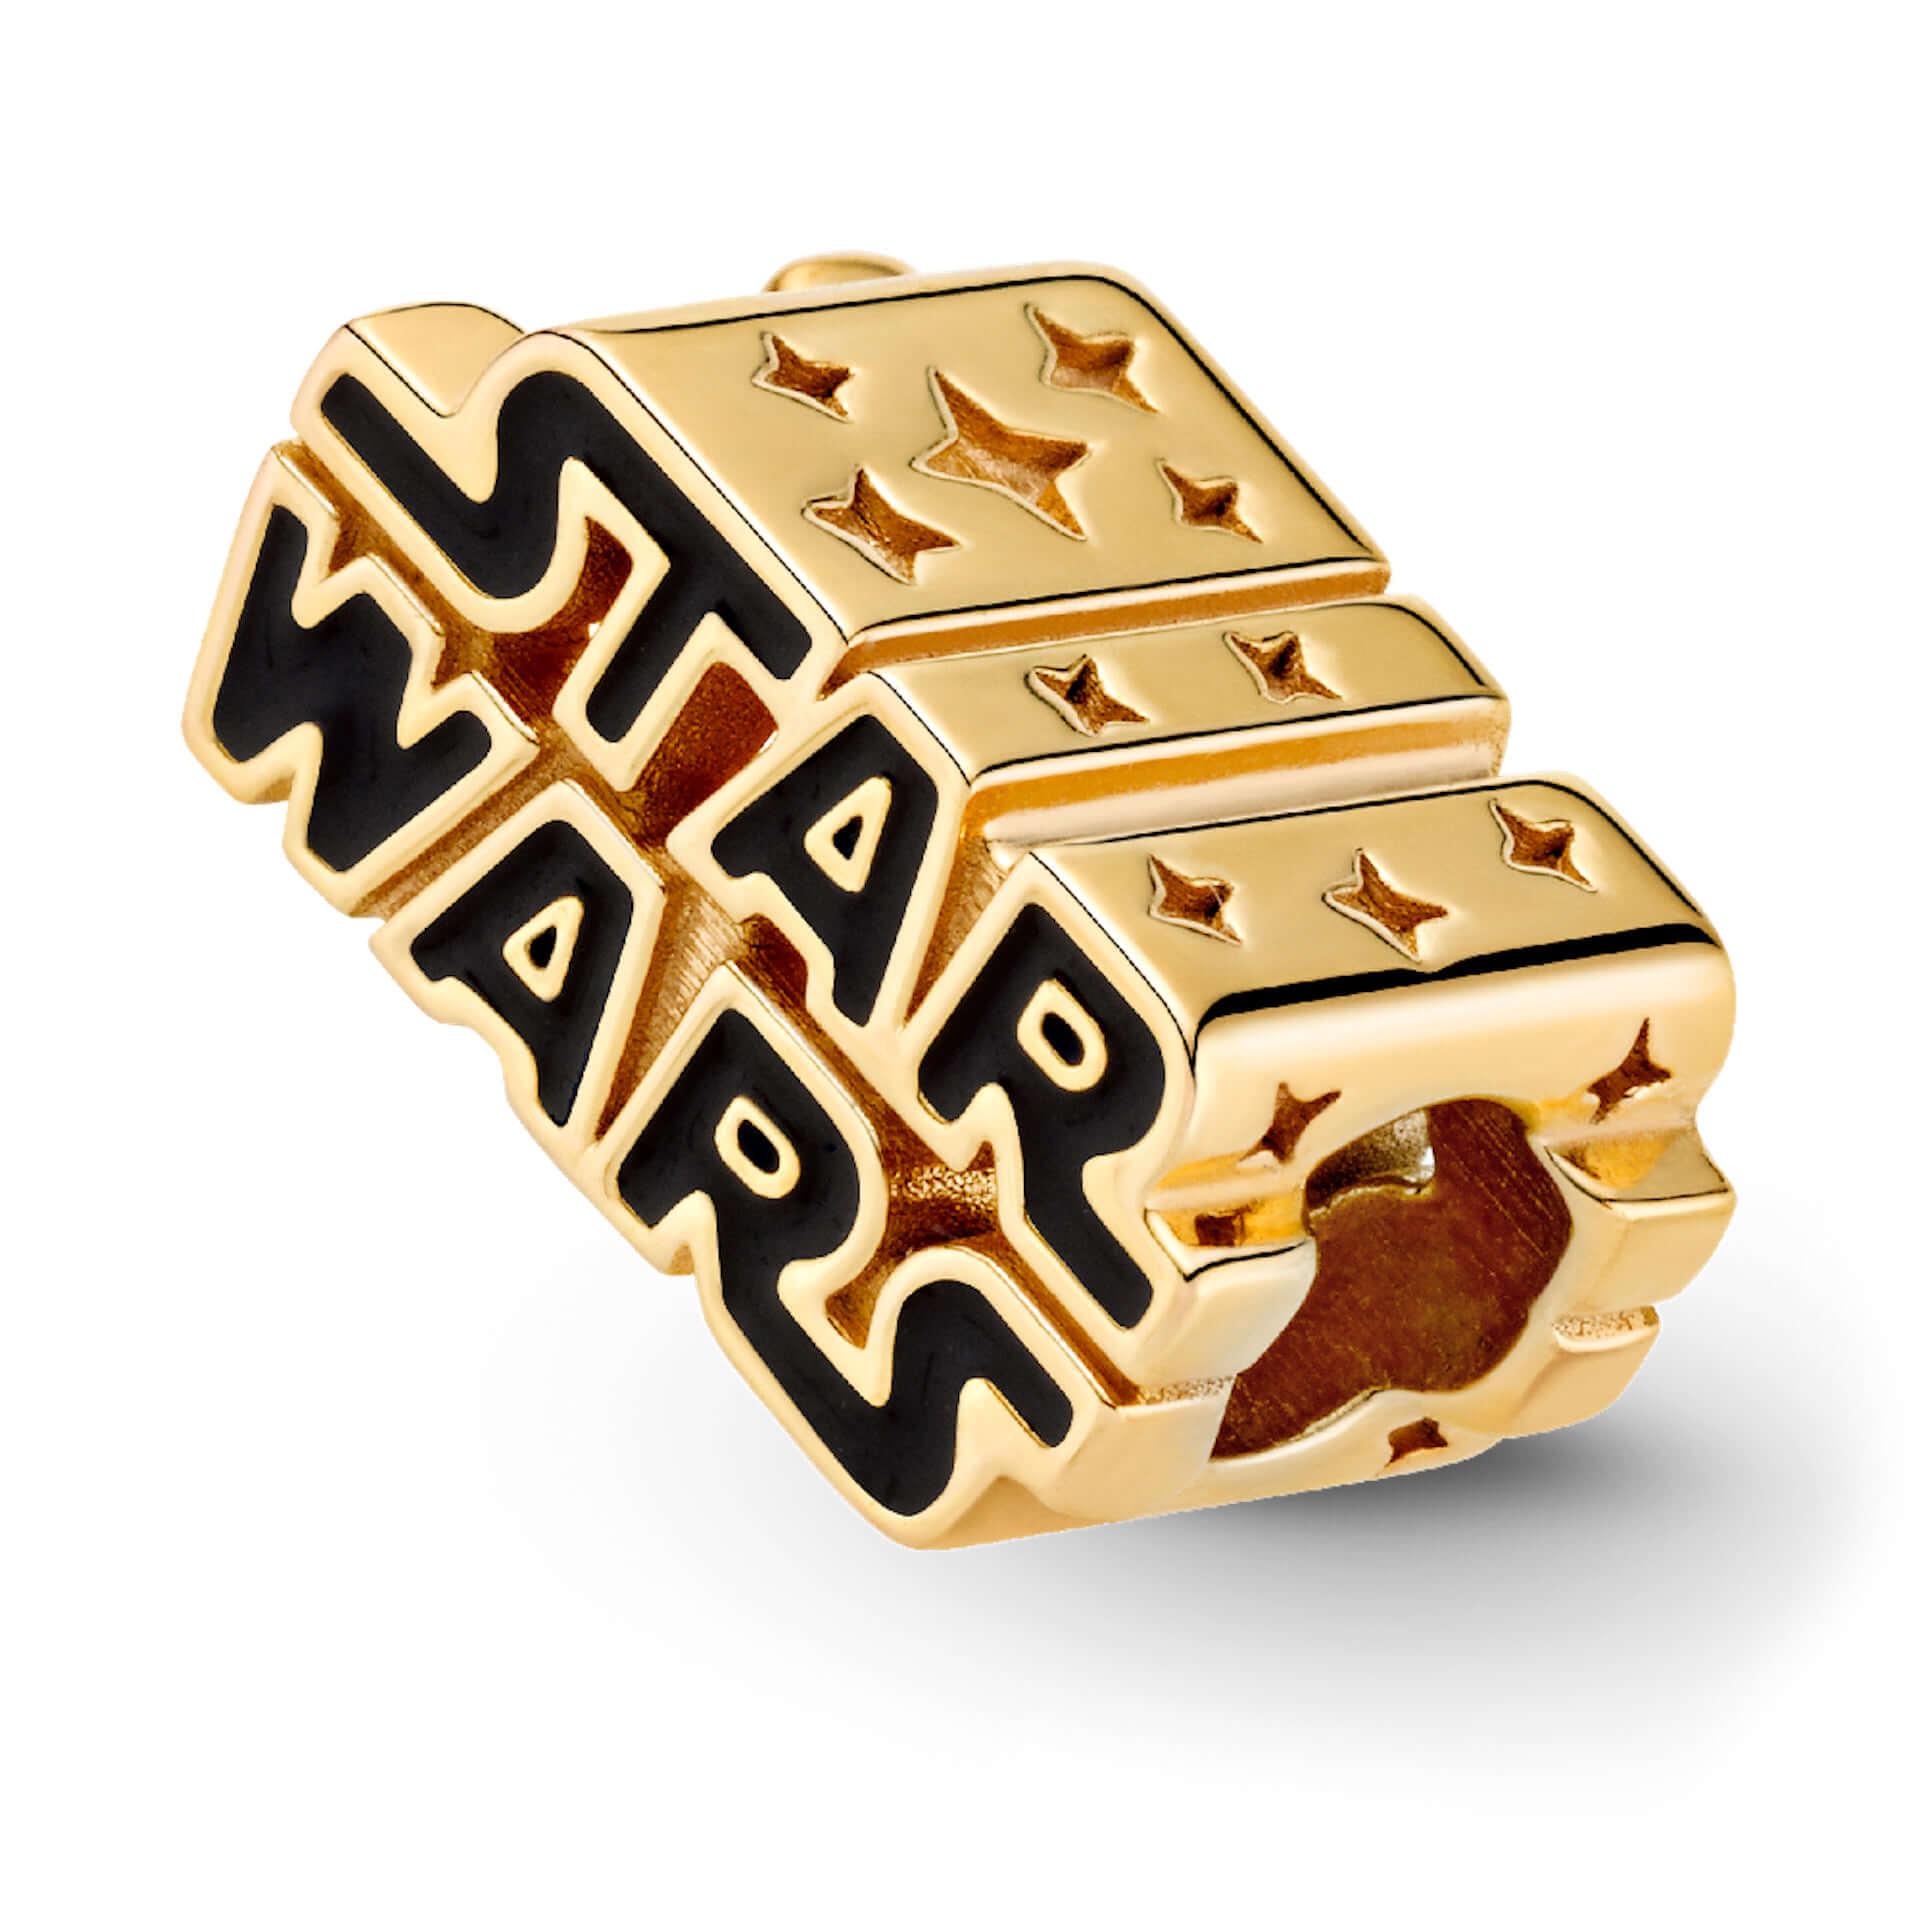 『スター・ウォーズ』シリーズのC-3POやザ・チャイルドがジュエリーに!リサイクル素材を用いた新コレクションがパンドラにて発売 lf201001_starwars-pandora_1-1920x1920